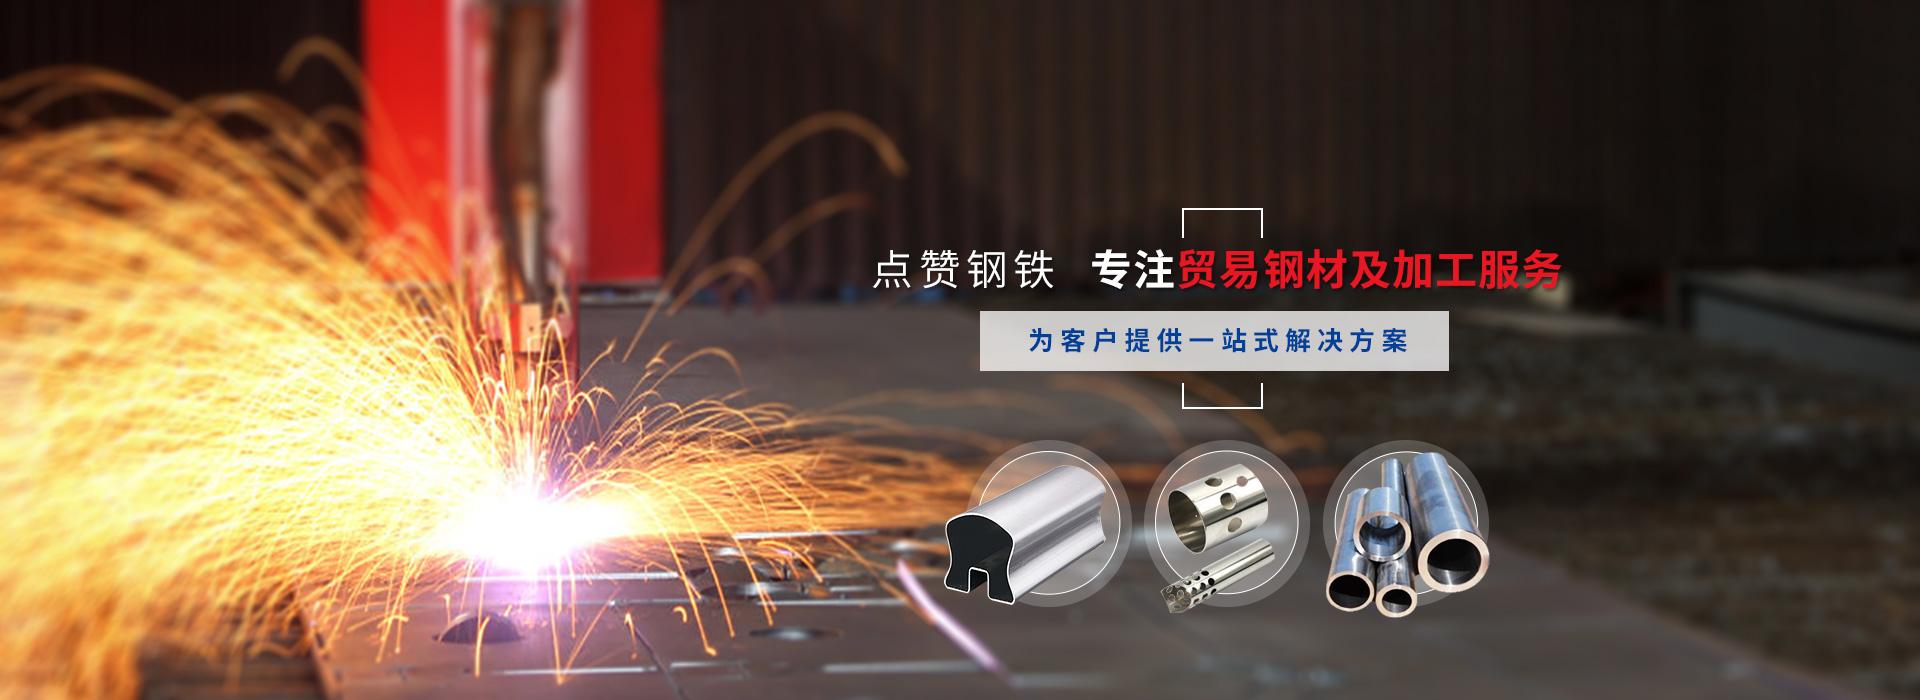 点赞钢铁,专注贸易钢材及加工服务